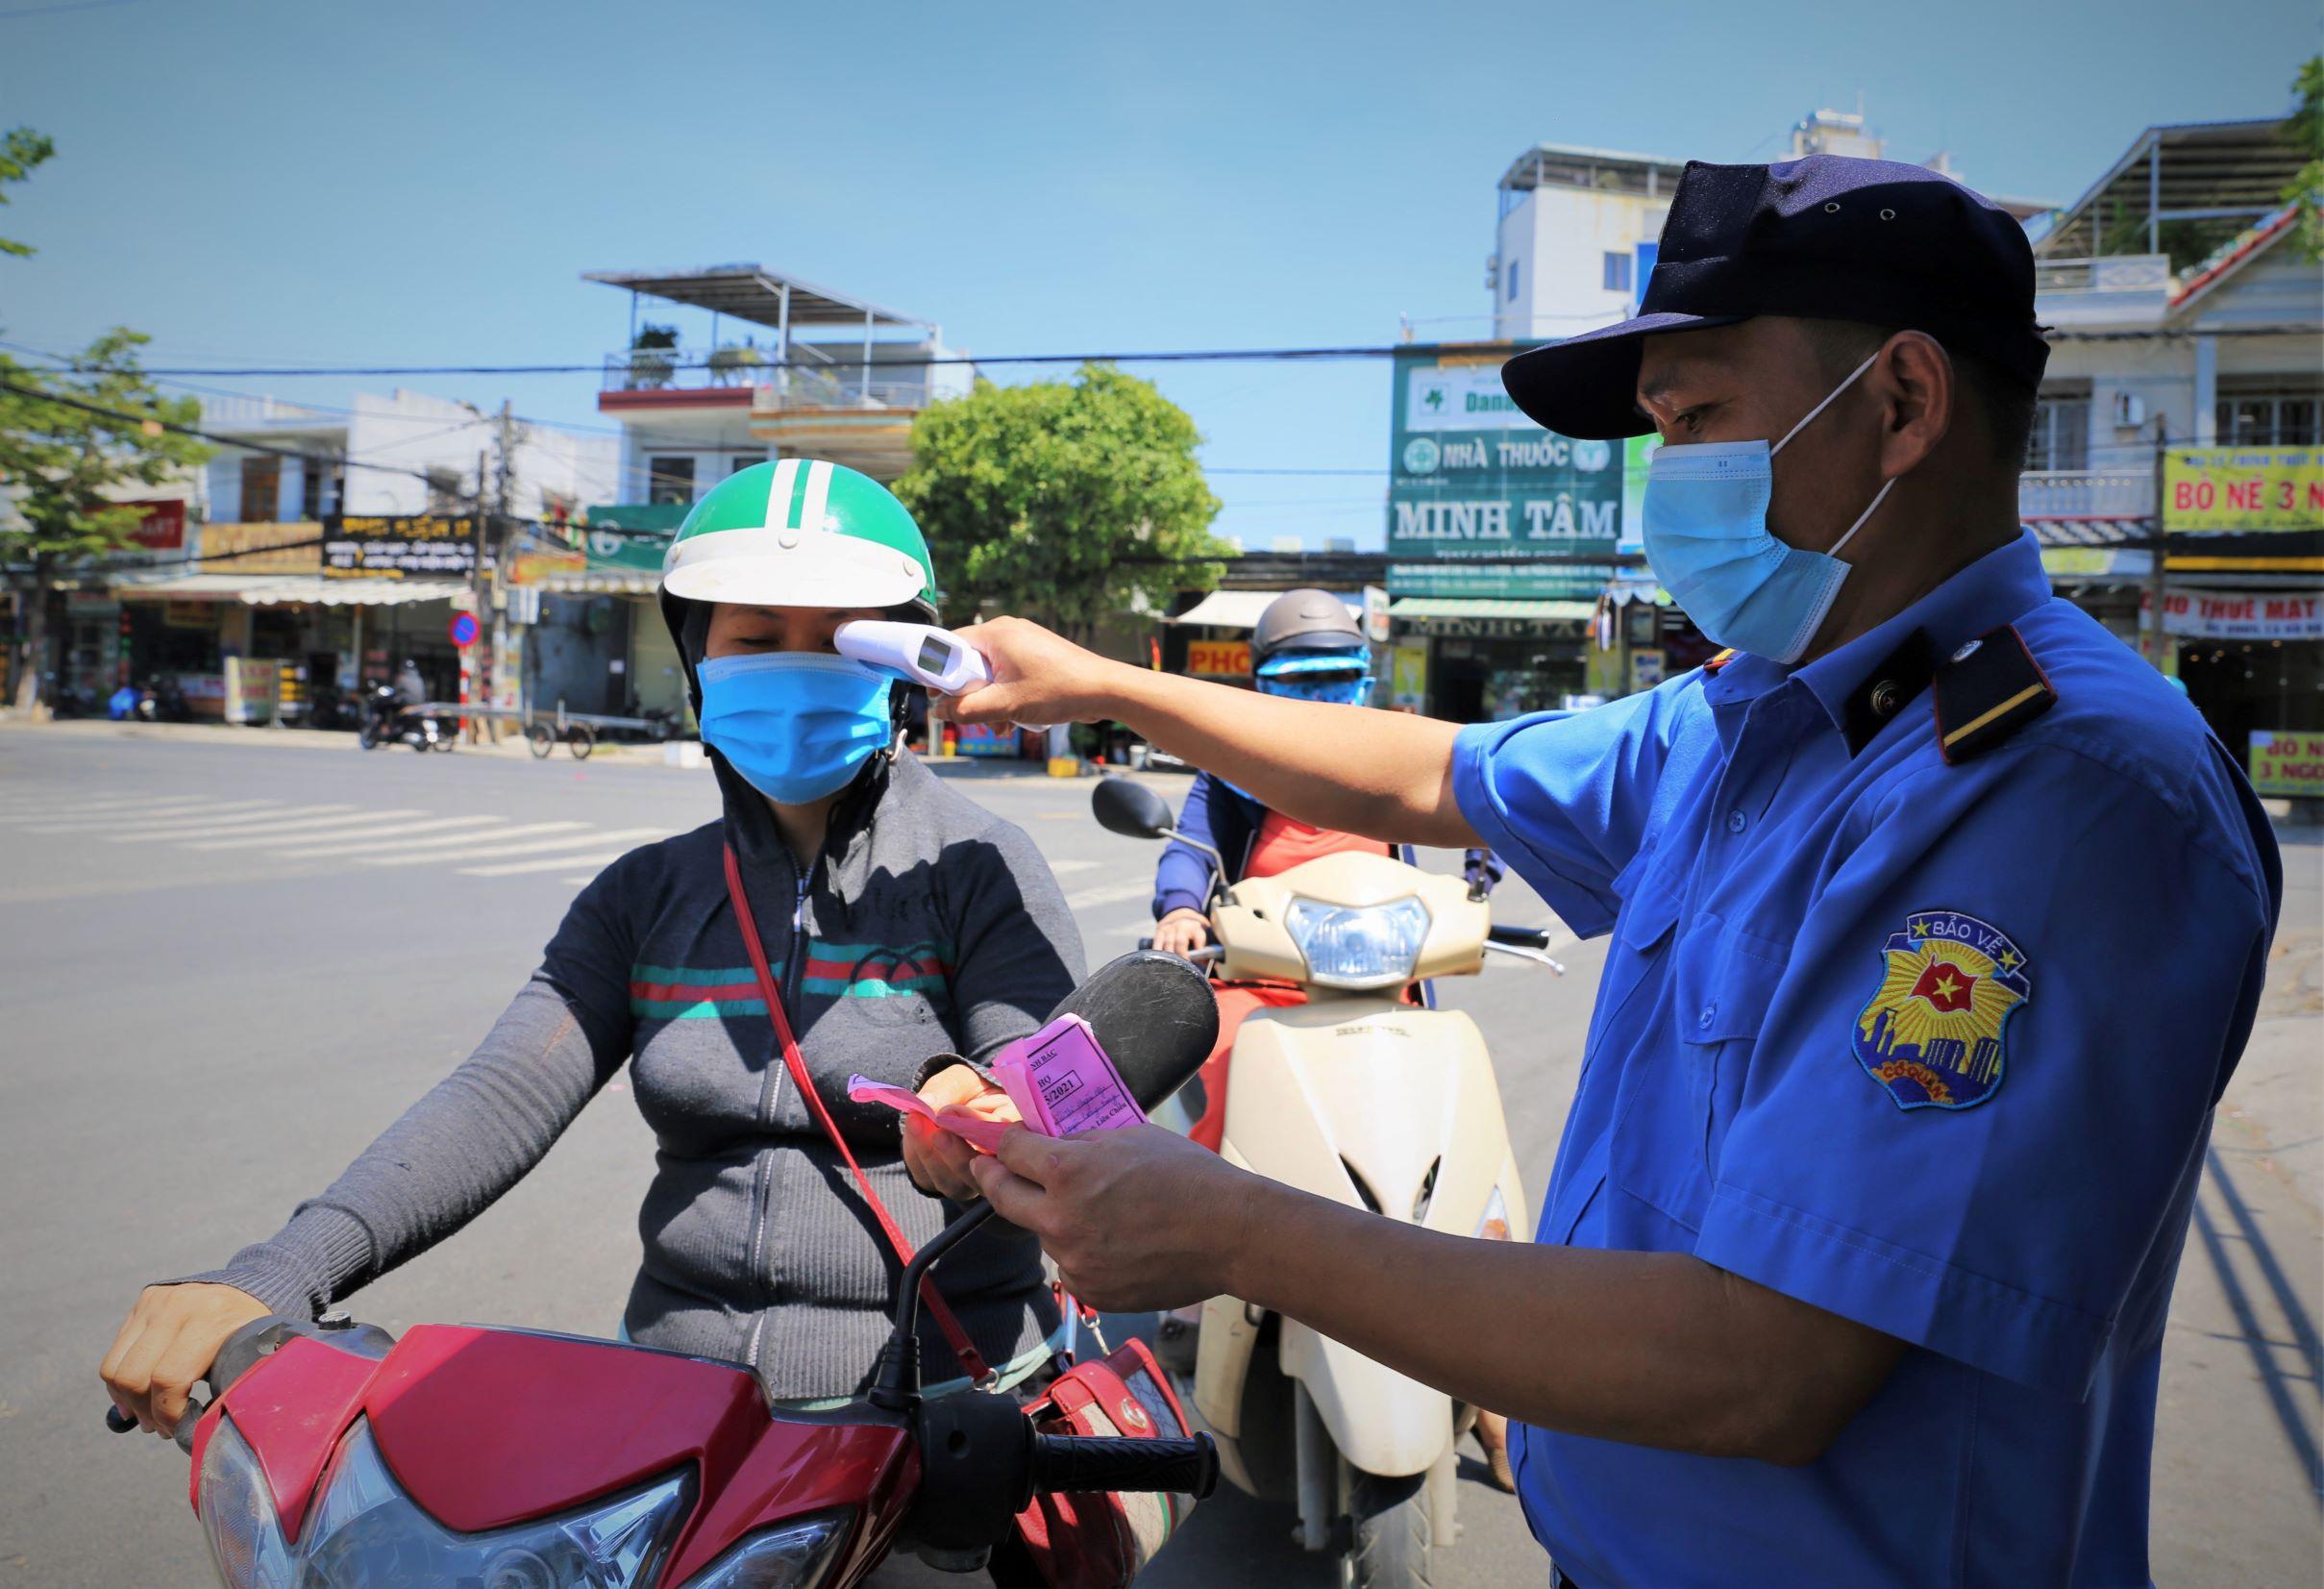 ẢNH: Người dân mặc áo mưa, trùm kín khi đi chợ giữa nắng 37 độ C để phòng dịch Covid-19 - Ảnh 1.